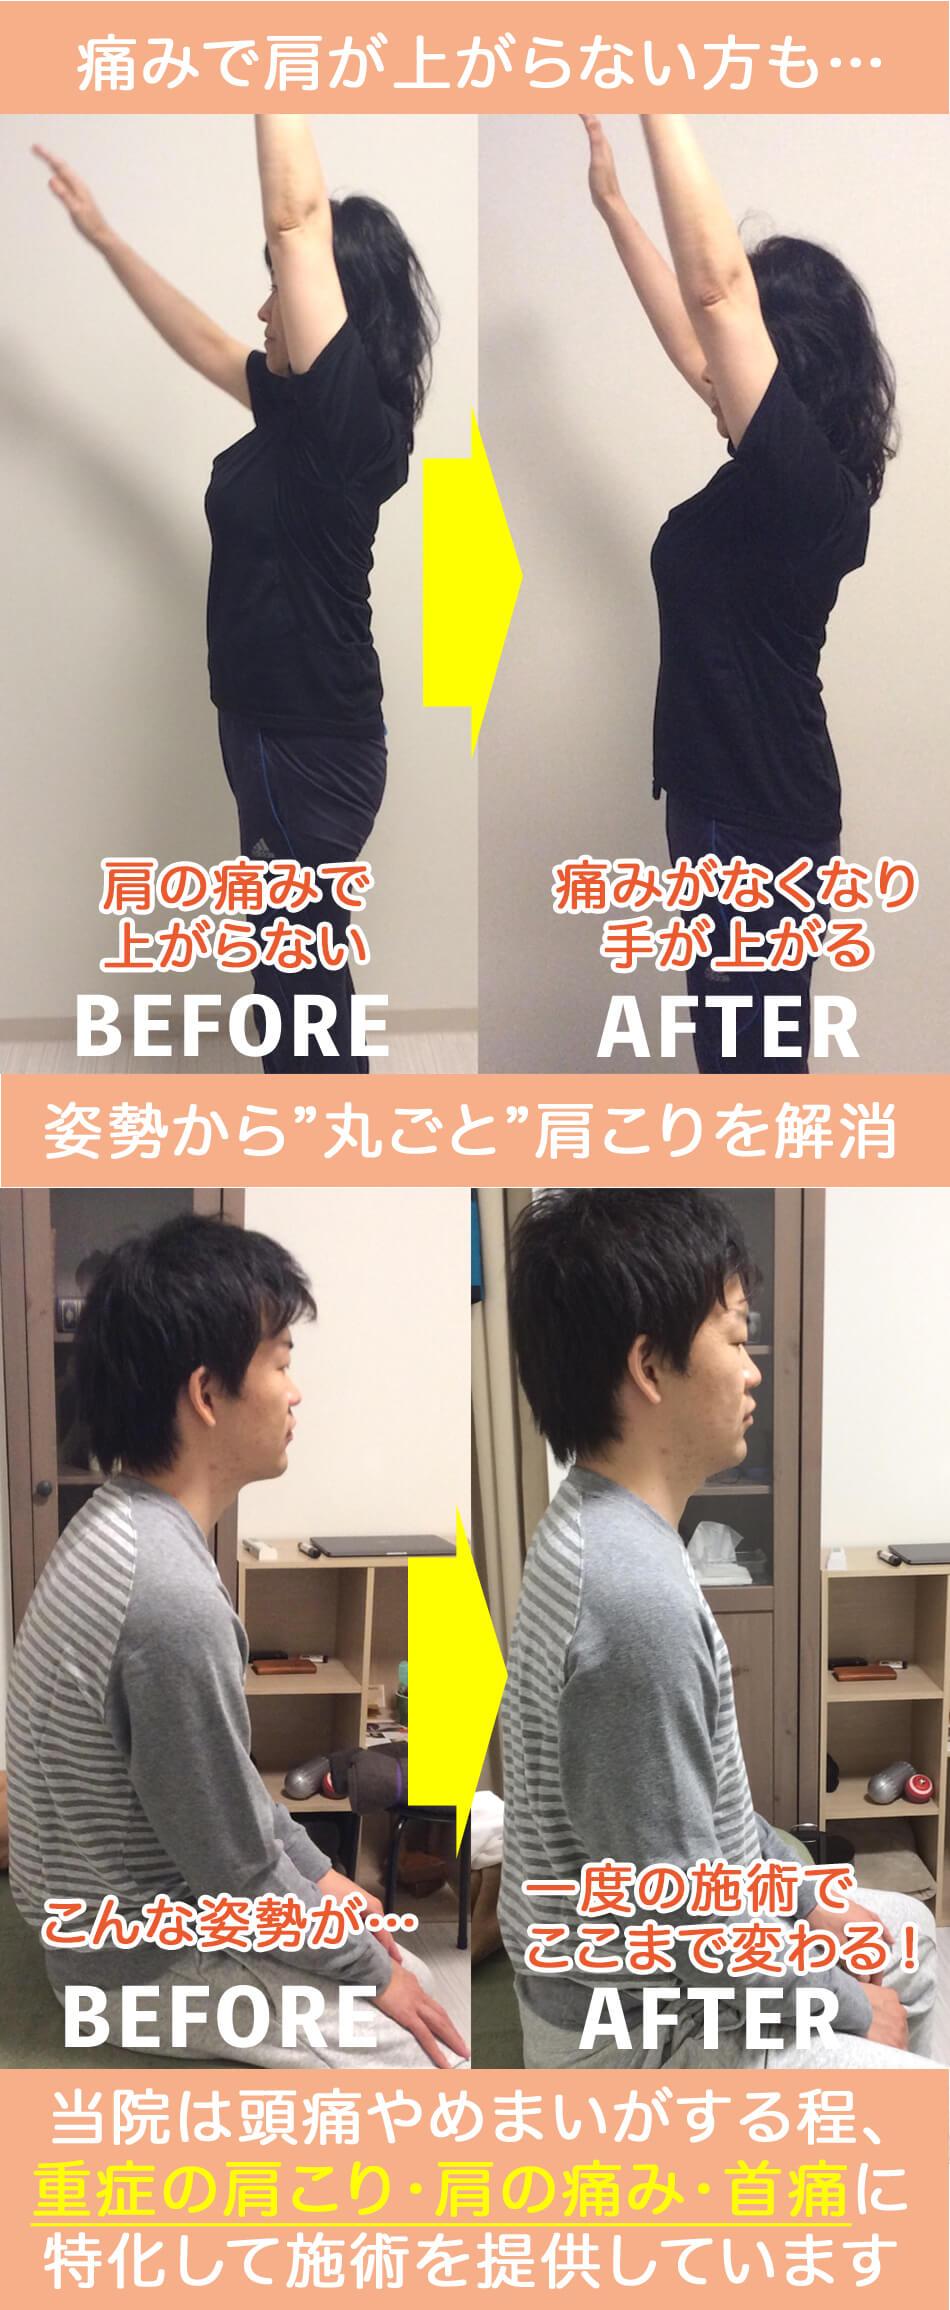 痛みで肩が上がらない方や姿勢が惡い方もこんなに変化します